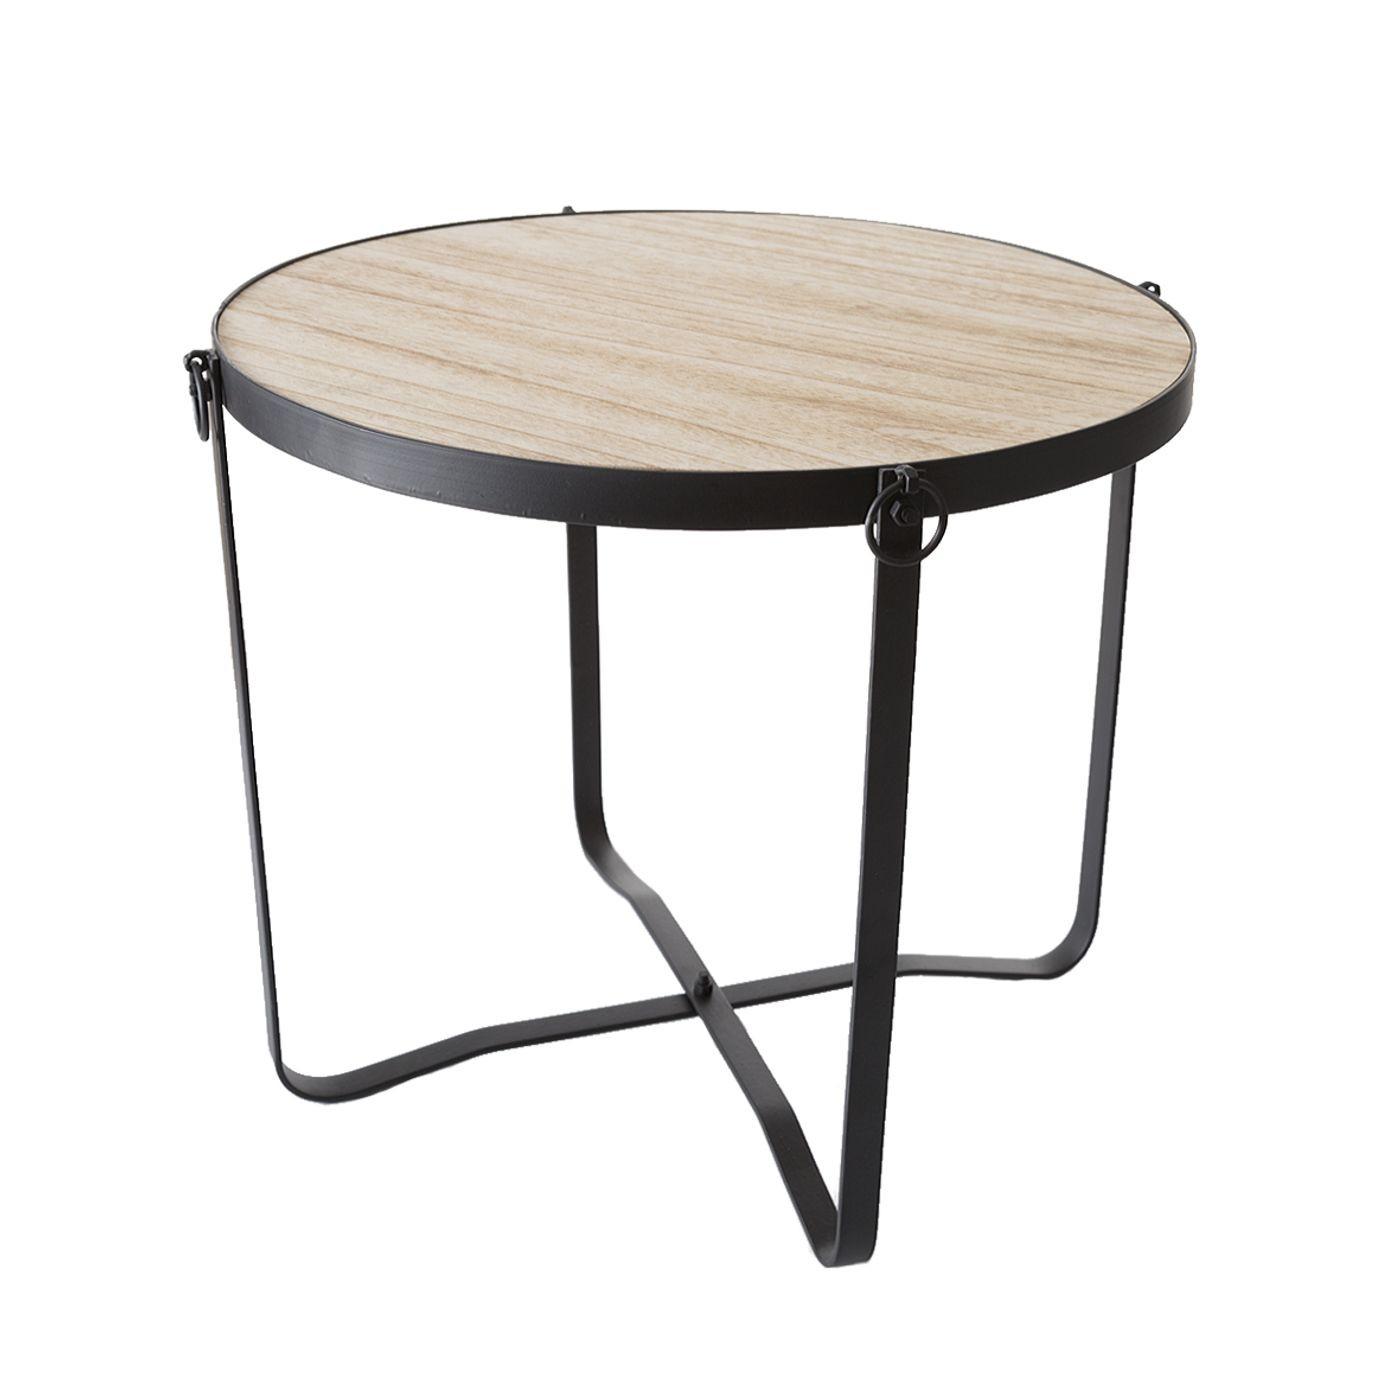 Stolik drewno metal kawowy 46 x 40 cm